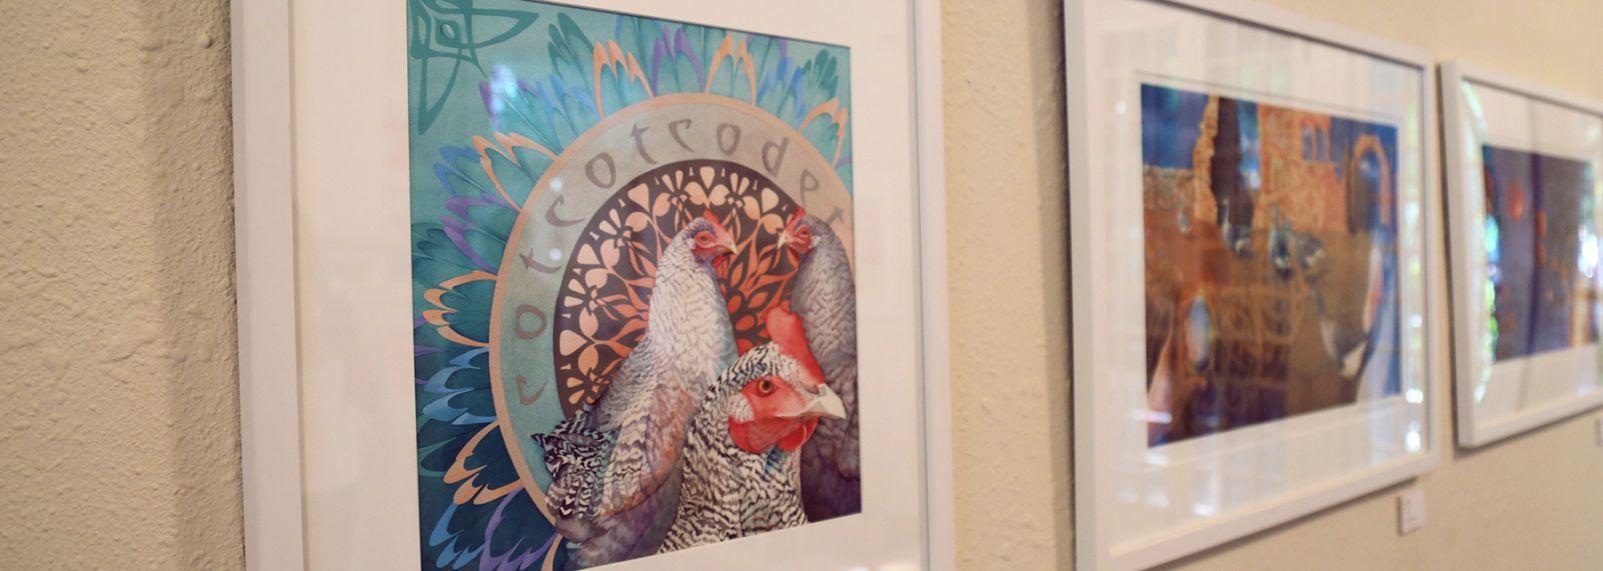 Linda Dallas Gallery